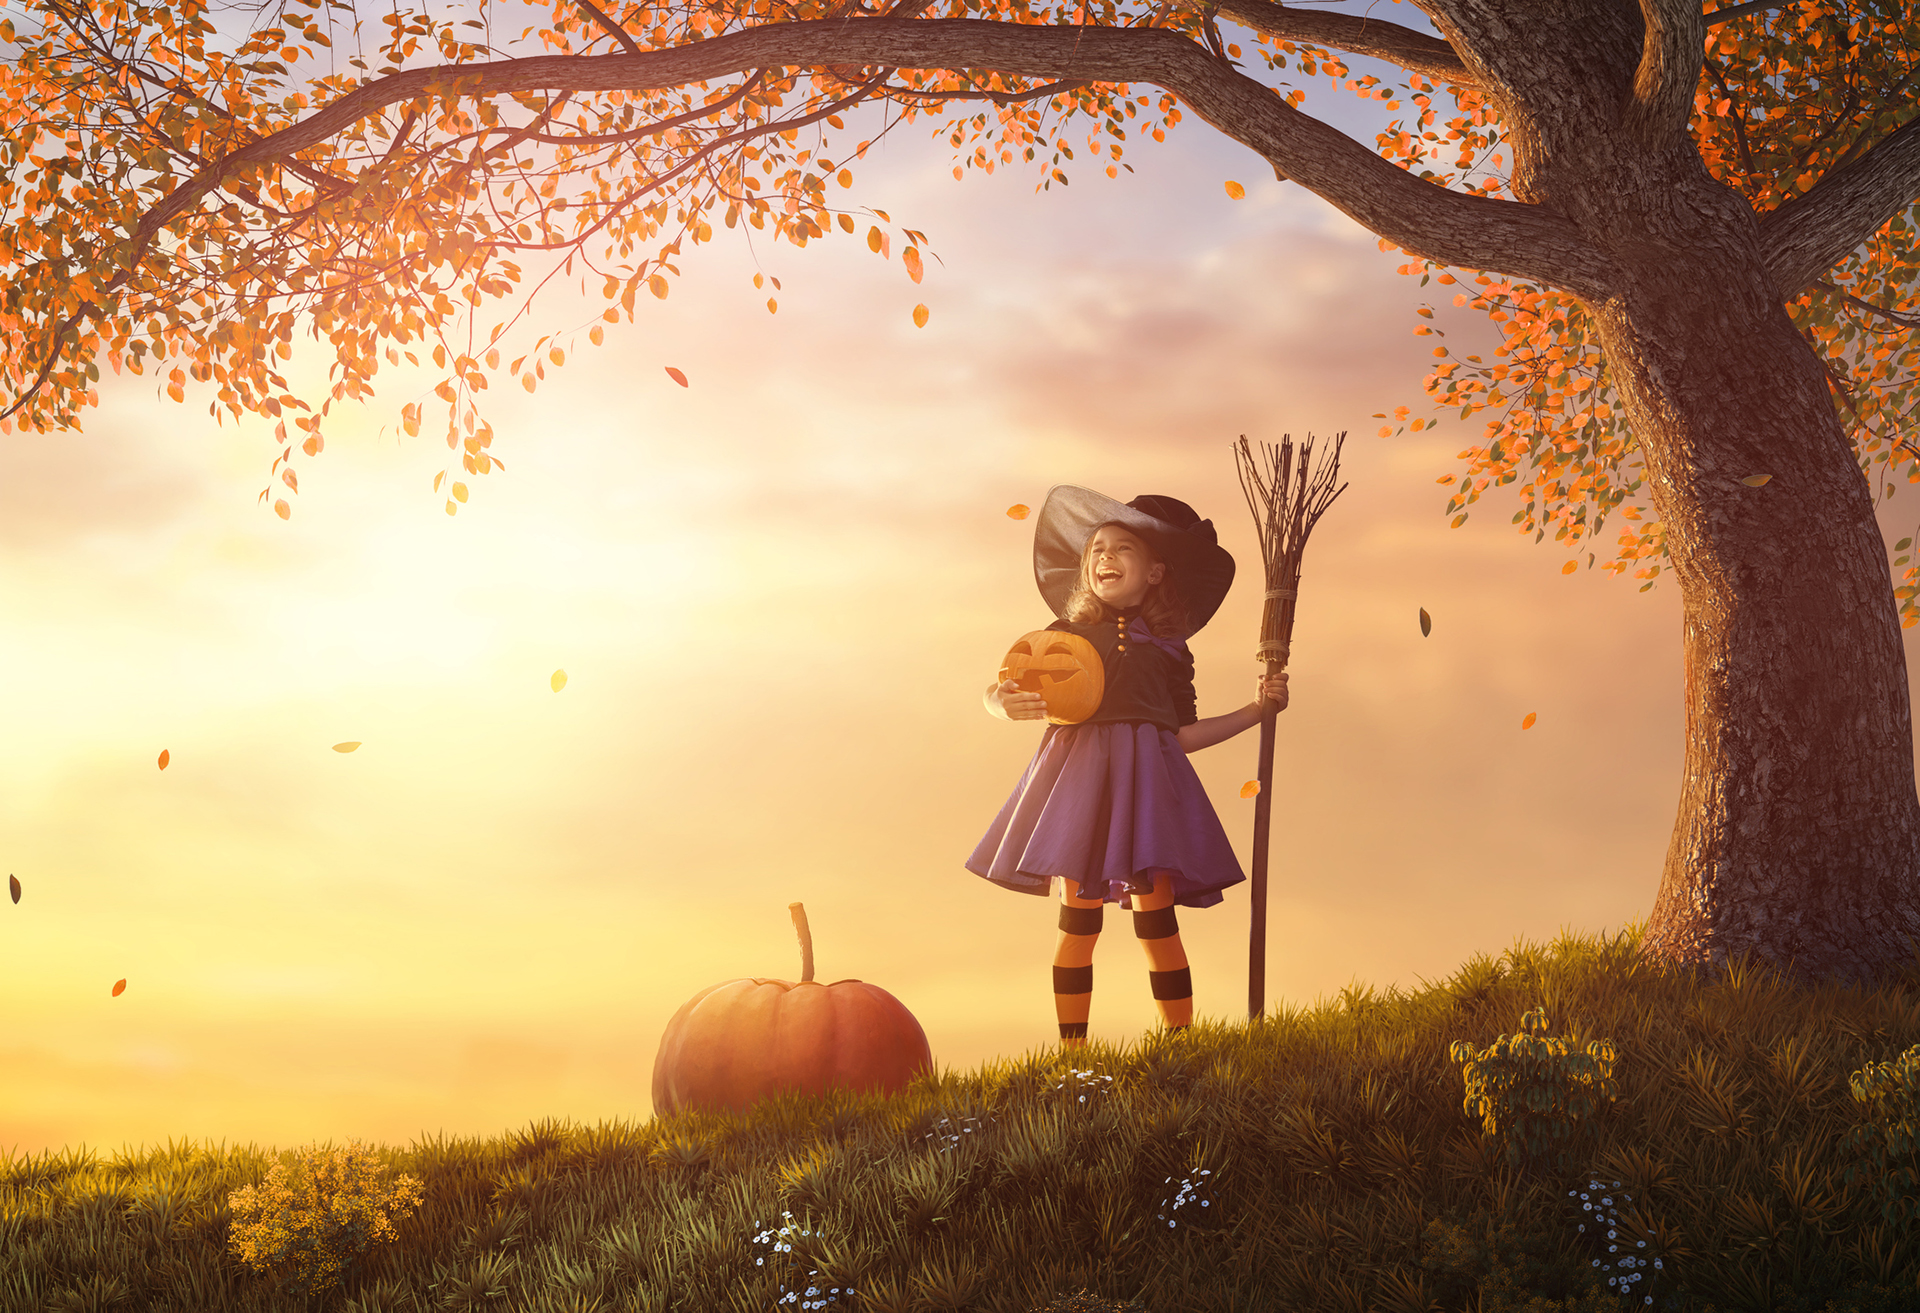 3 Halloweenkostüme Für Kinder Einfach Schnell Selber Machen